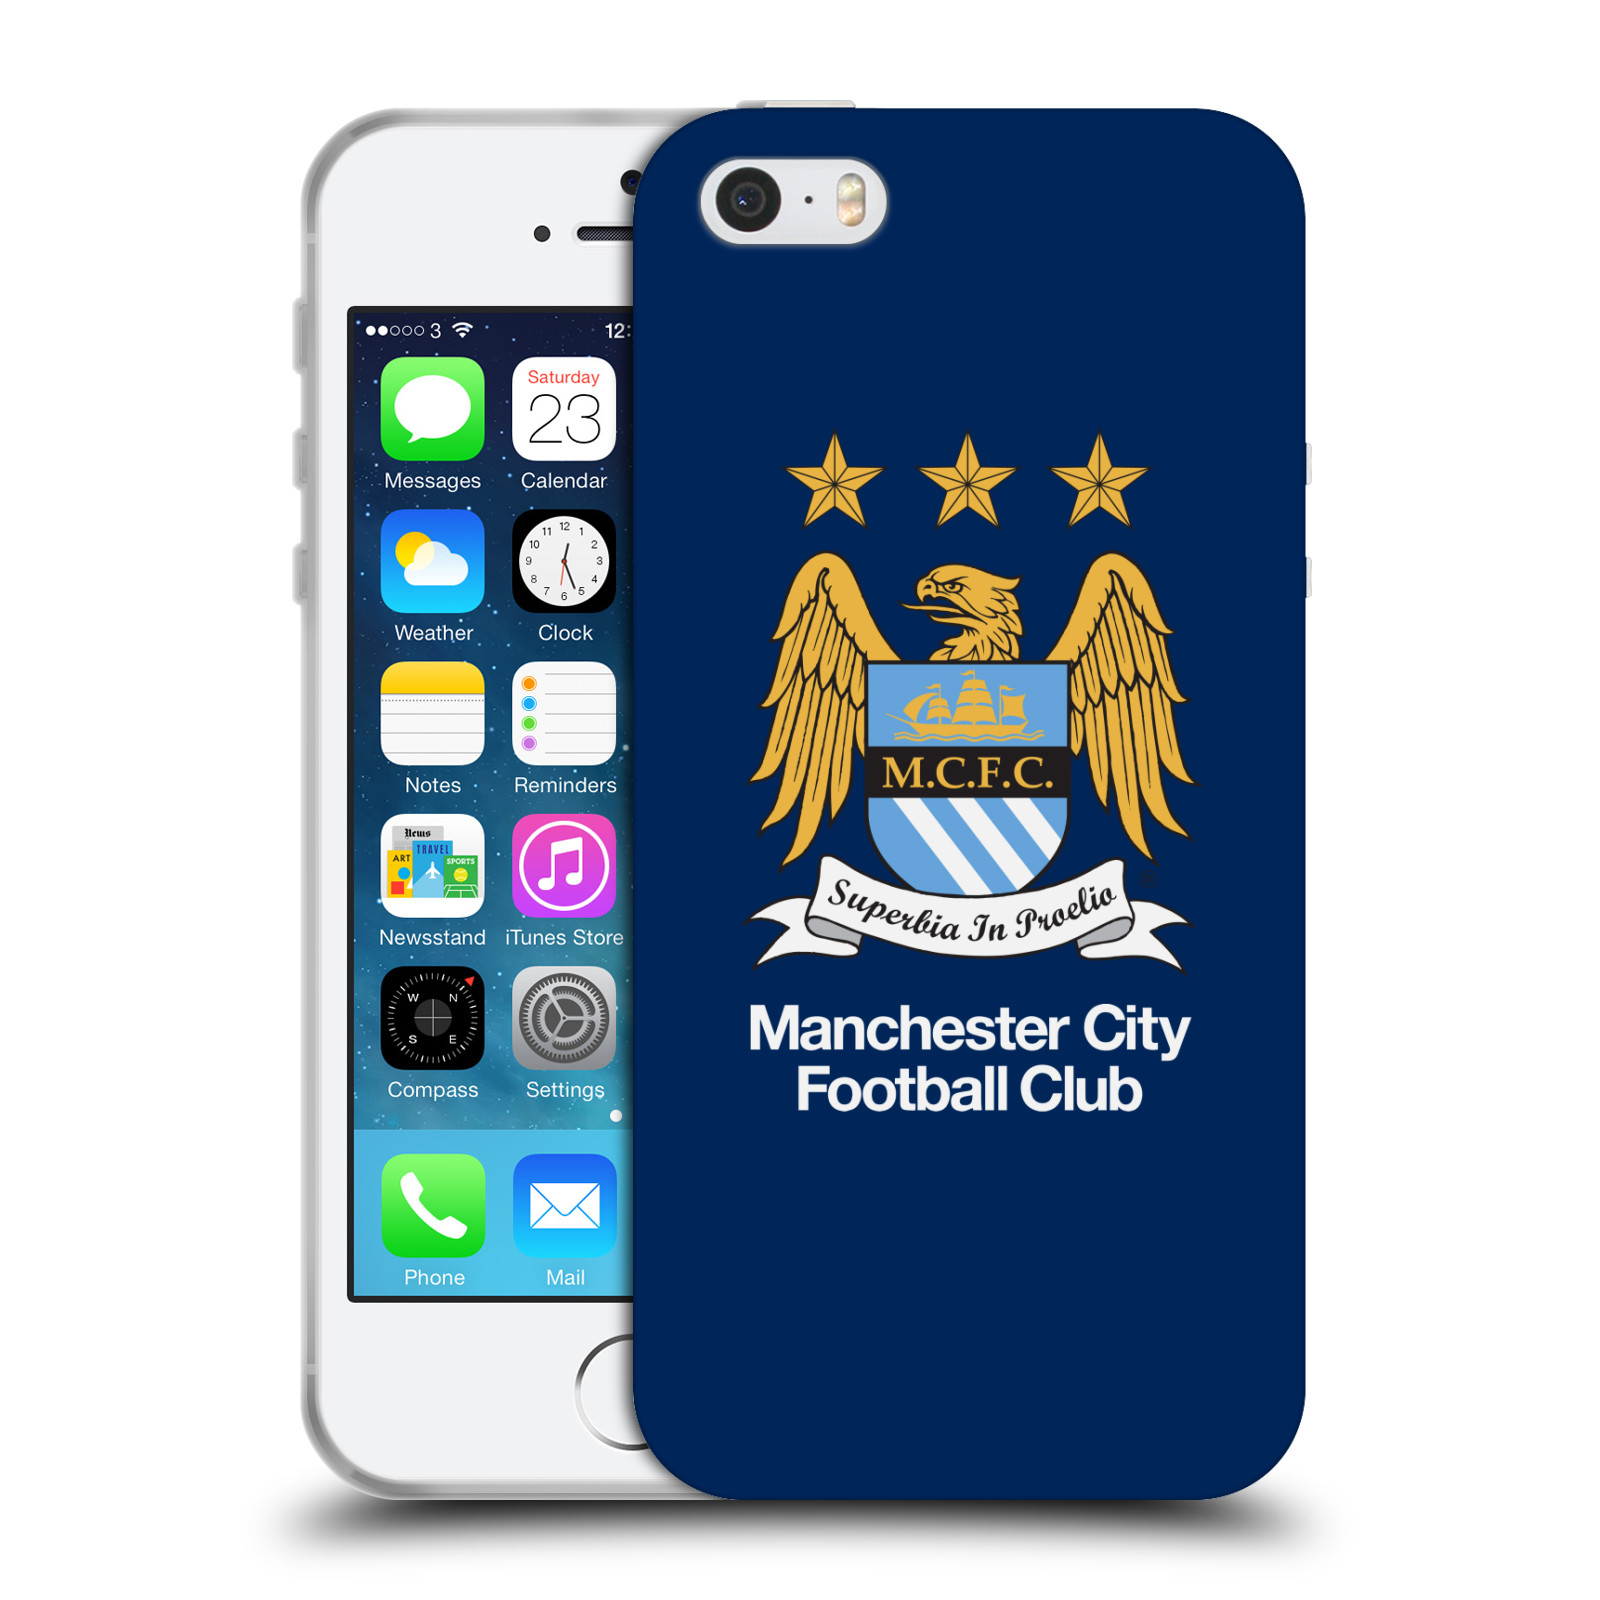 HEAD CASE silikonový obal na mobil Apple Iphone 5/5S Fotbalový klub Manchester City modré pozadí velký znak